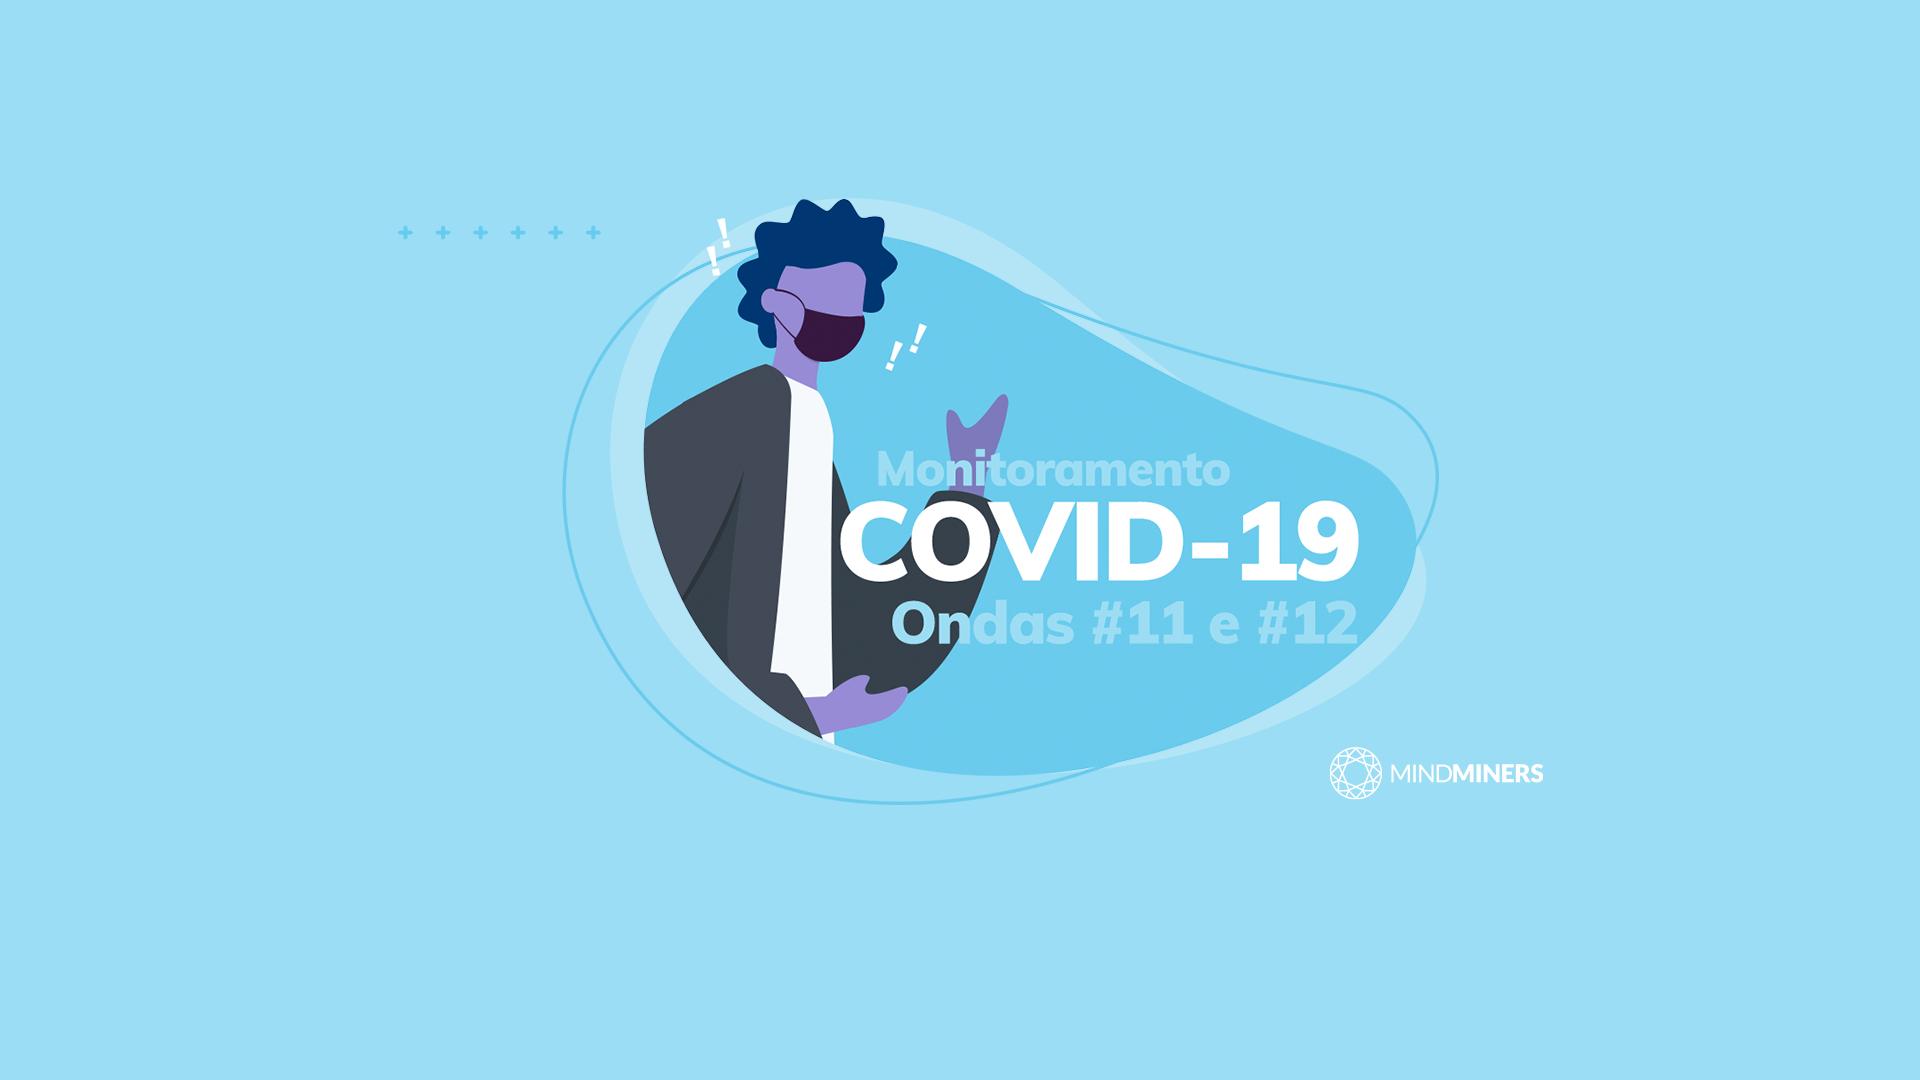 Monitoramento COVID-19: 11ª e 12ª ondas